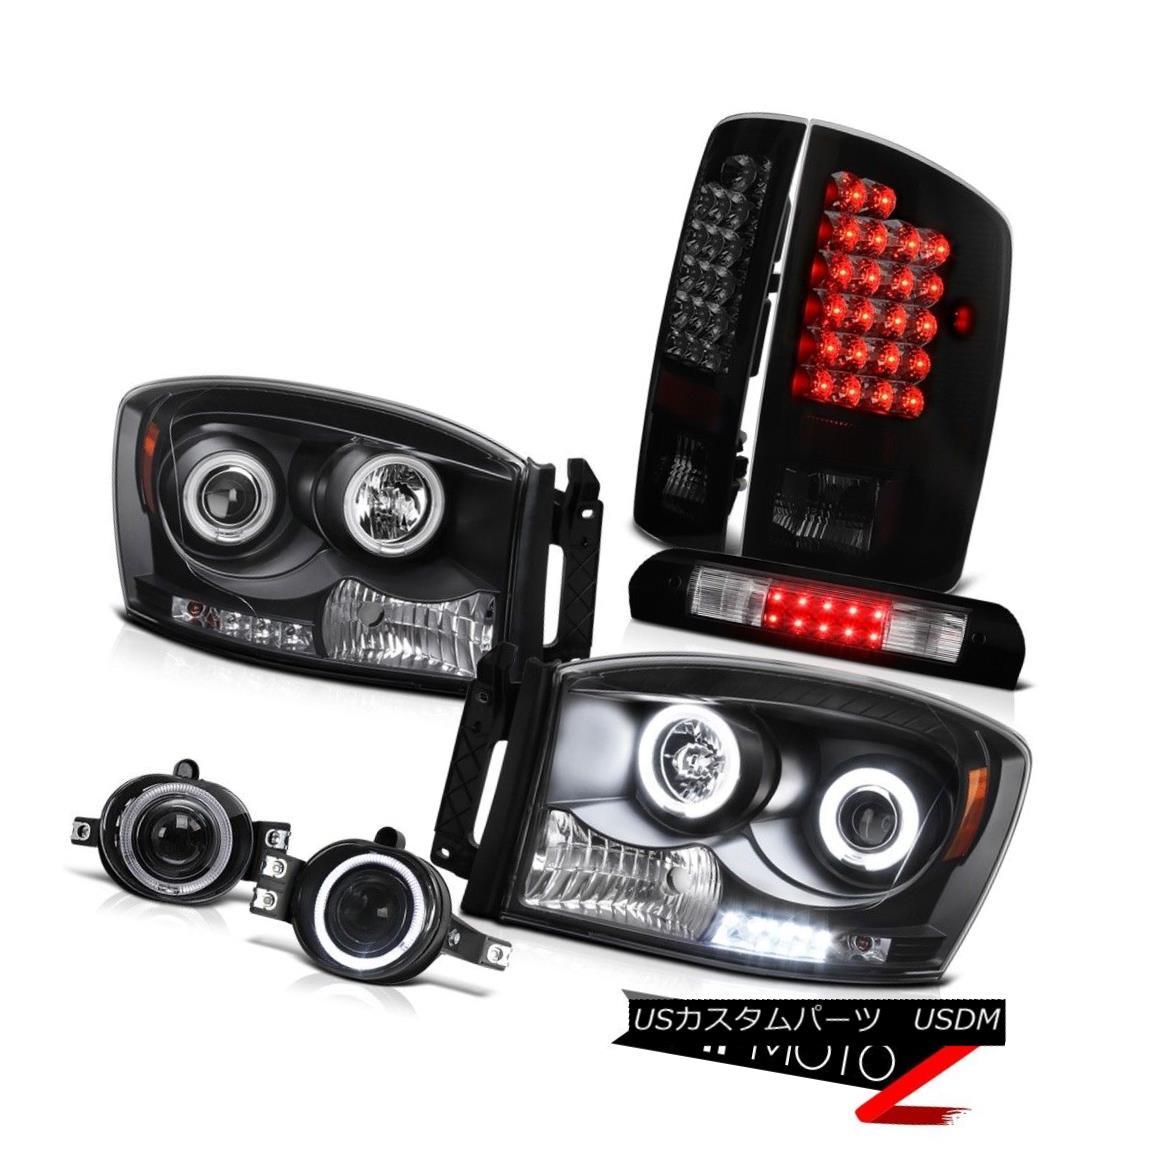 ヘッドライト 2007-2008 Ram C.C.F.L Halo Headlights Bright LED Taillamps Fog High Brake Cargo 2007-2008 Ram C.C.F.L Haloヘッドライト明るいLEDタイルランプ霧高ブレーキ貨物